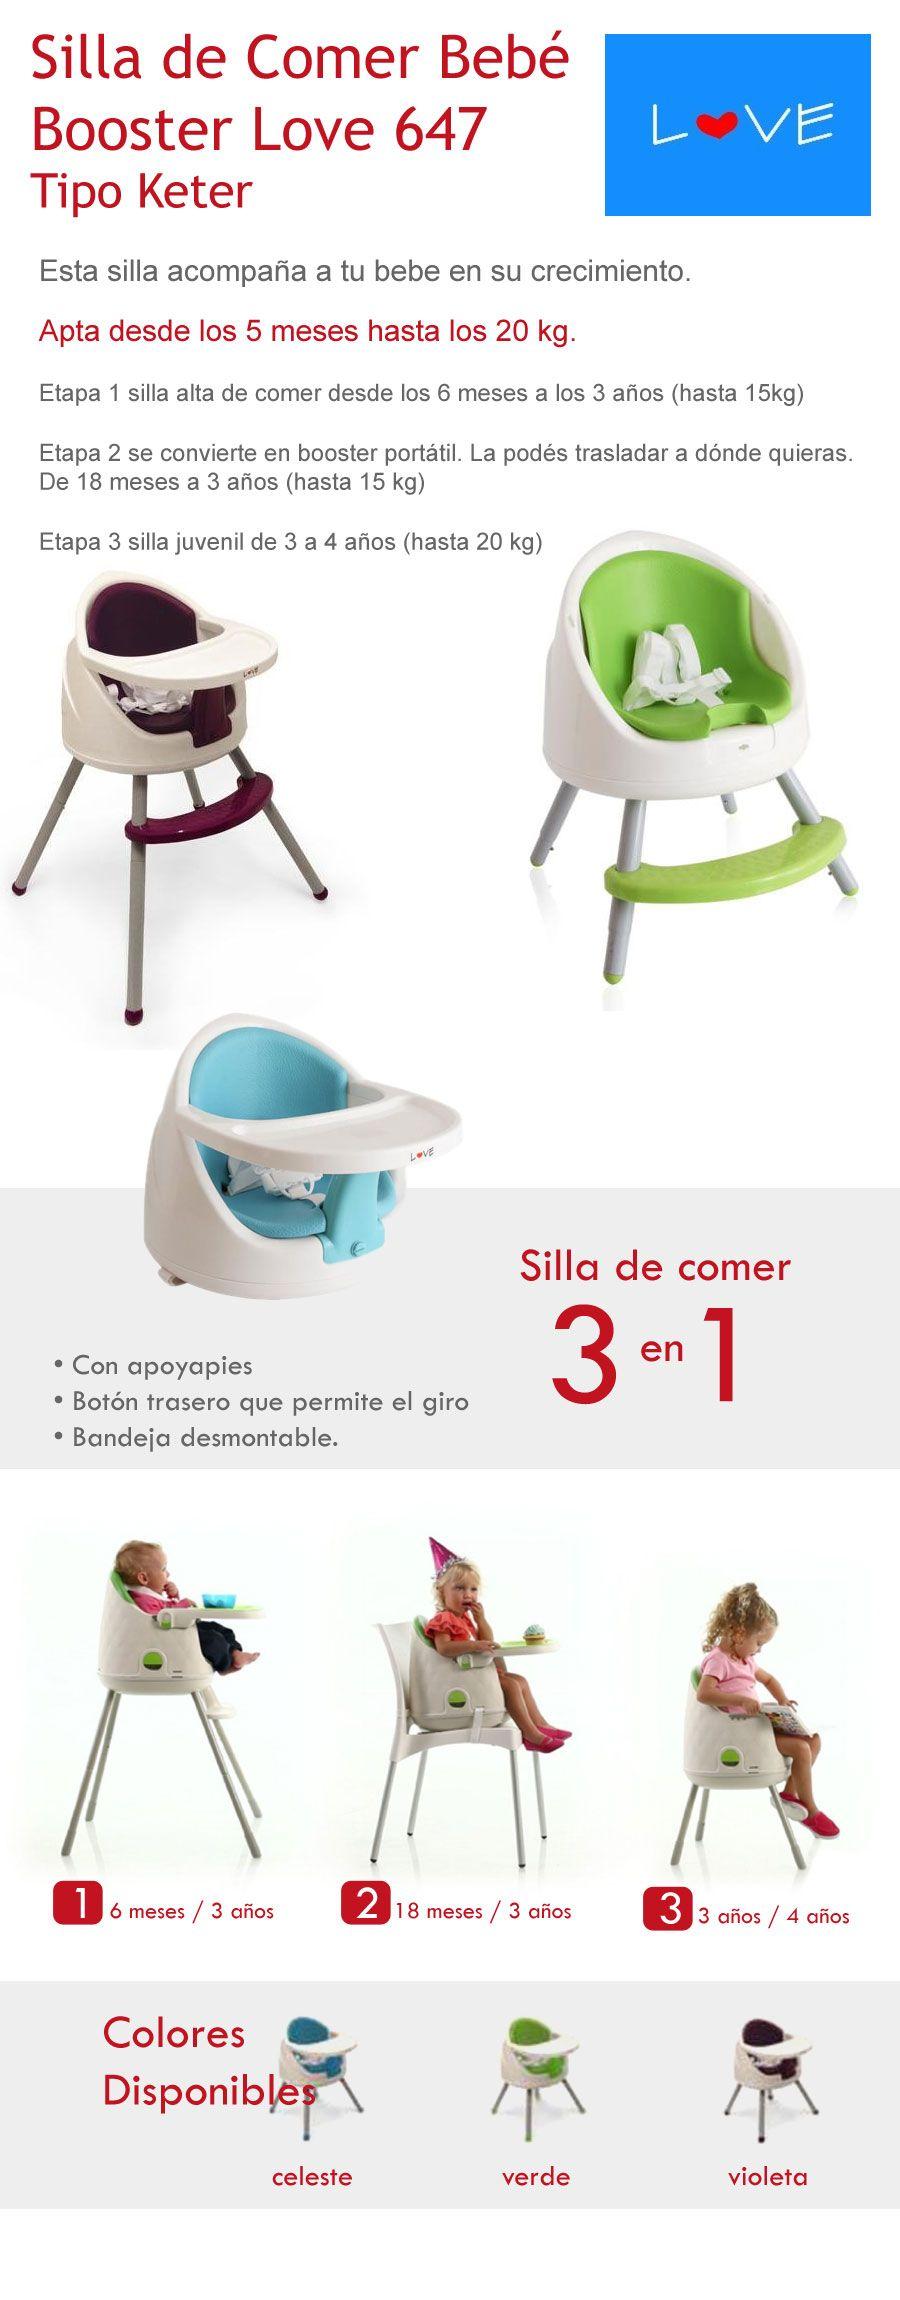 919d7986d Silla De Comer Bebe Booster 3 En 1 Love 647 T Y P - $ 1.239,00 en  MercadoLibre